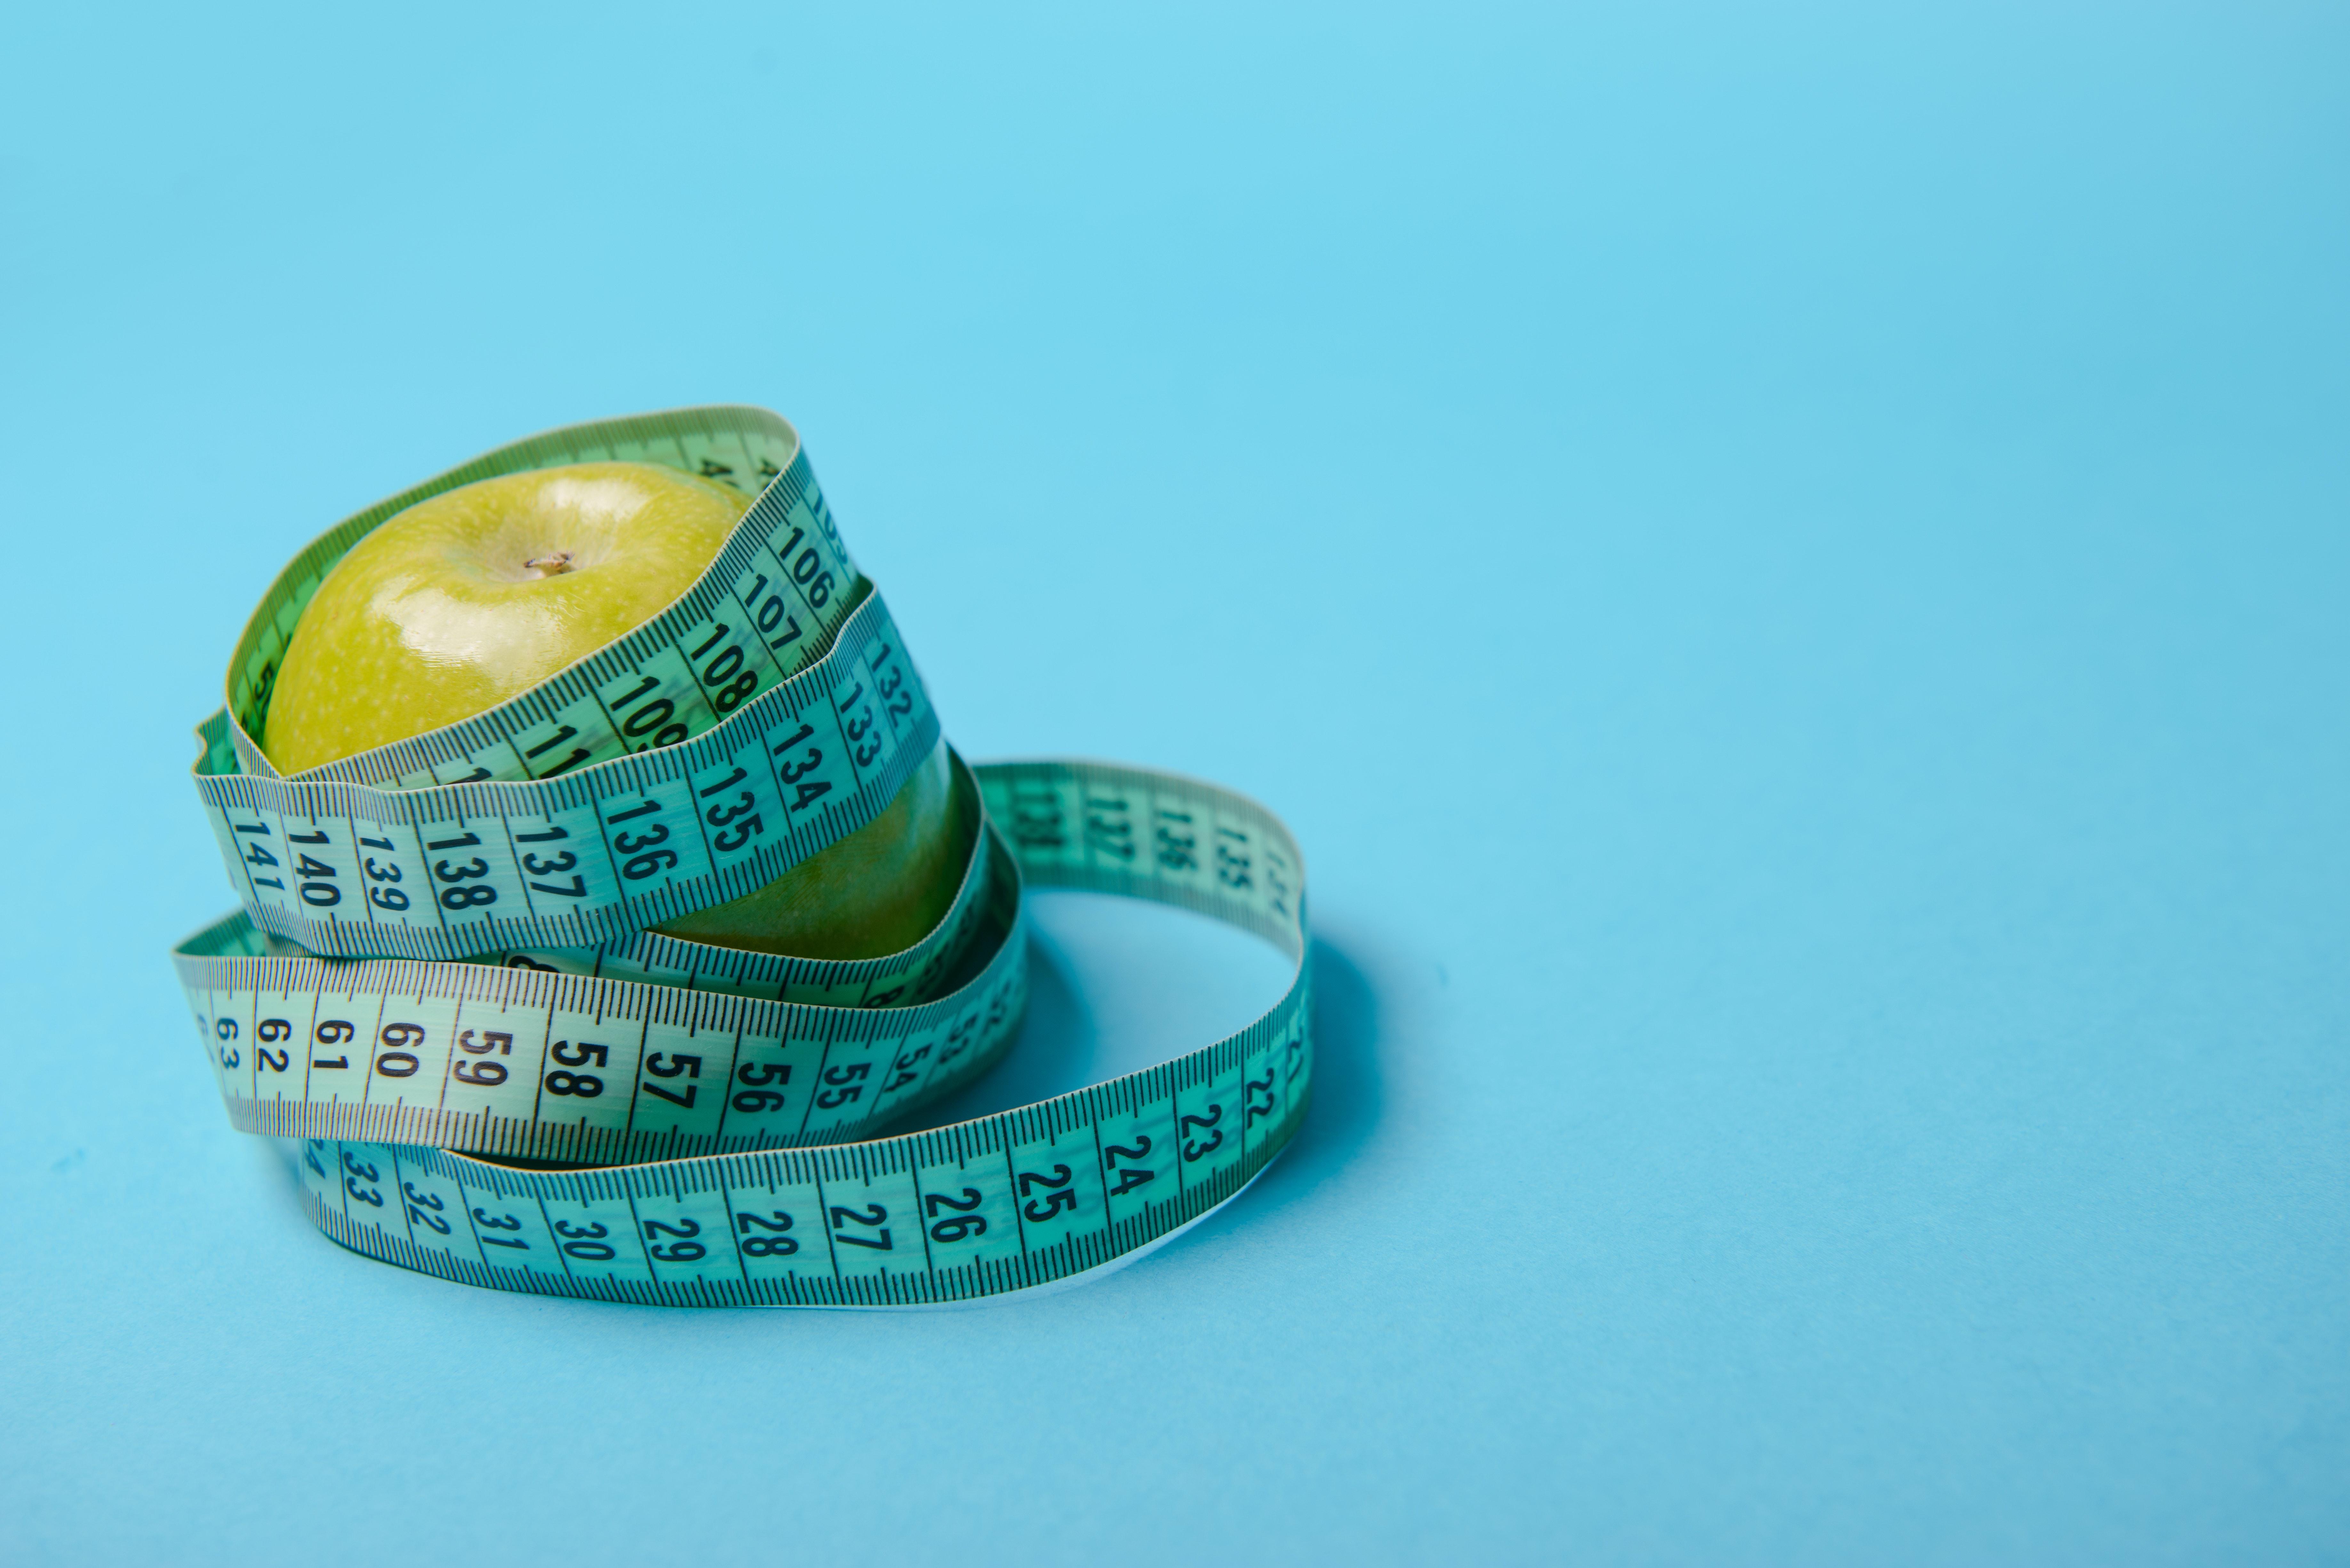 dieta_digiuno_perdita _peso